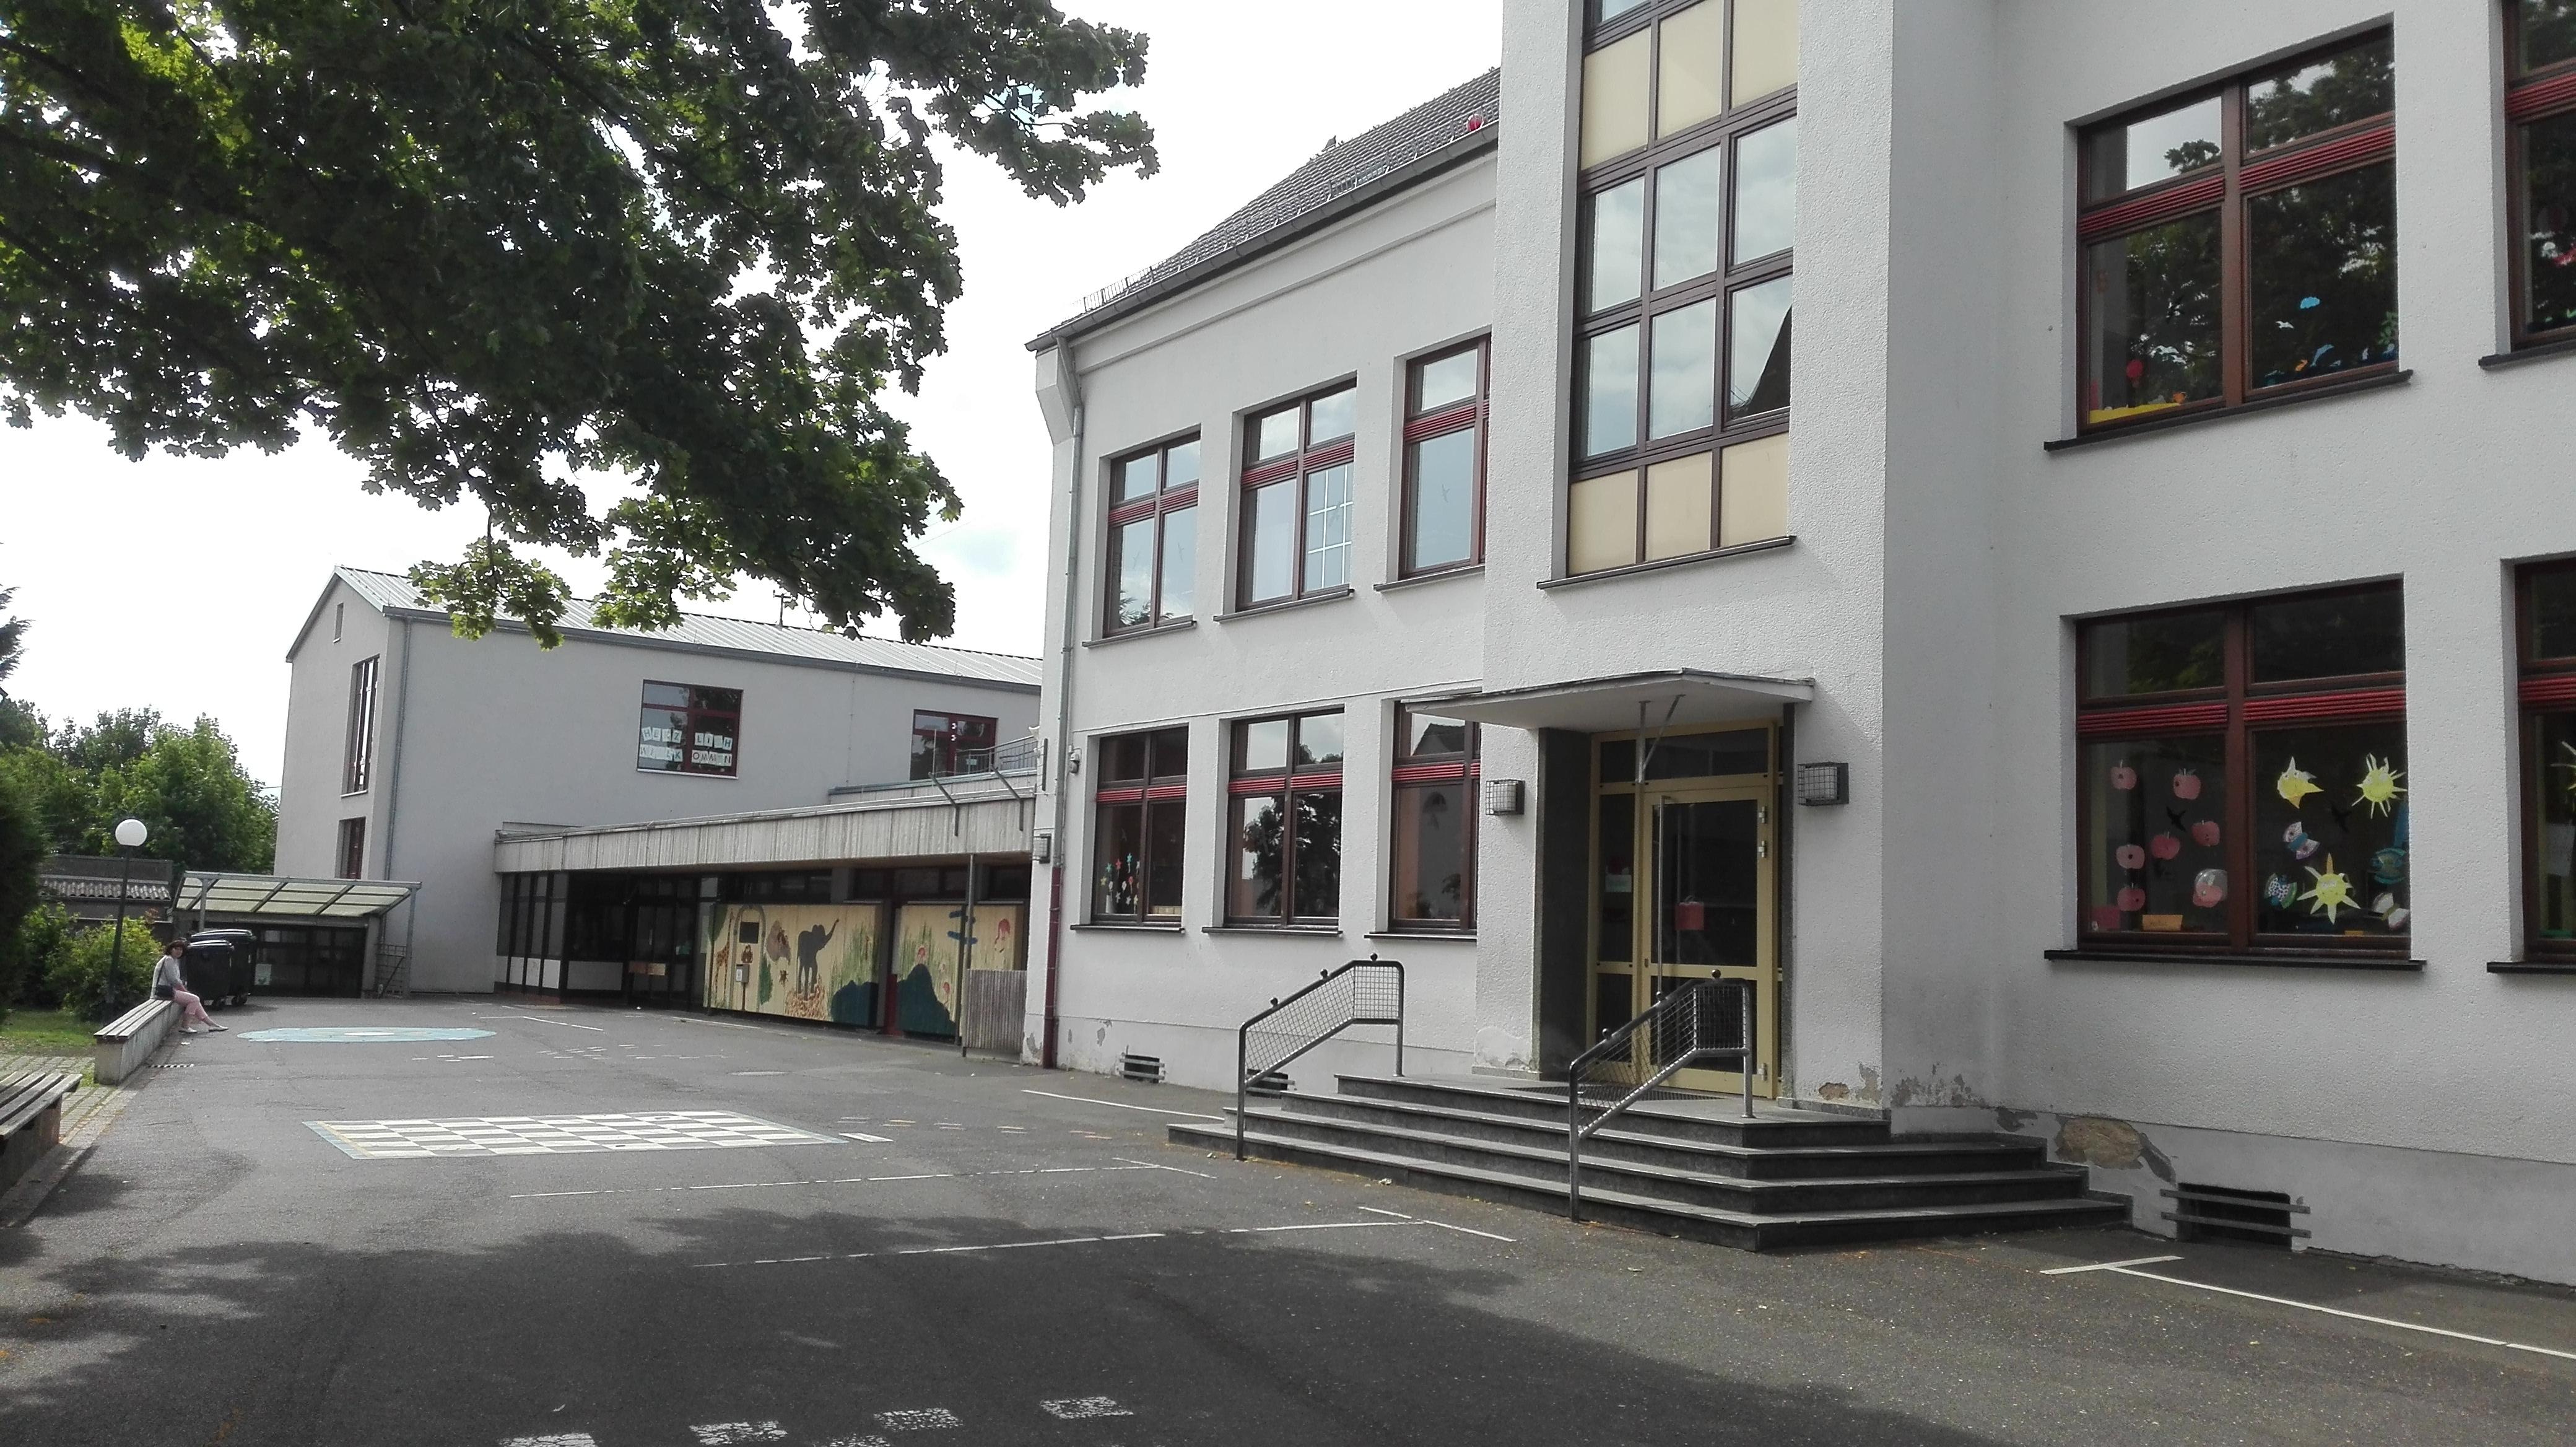 Architekt Bonn Umbau Grundschule am Zehnthof in Swisttal-Odendorf, Schulsanierung, Koenigs Rütter Architekten Bonn